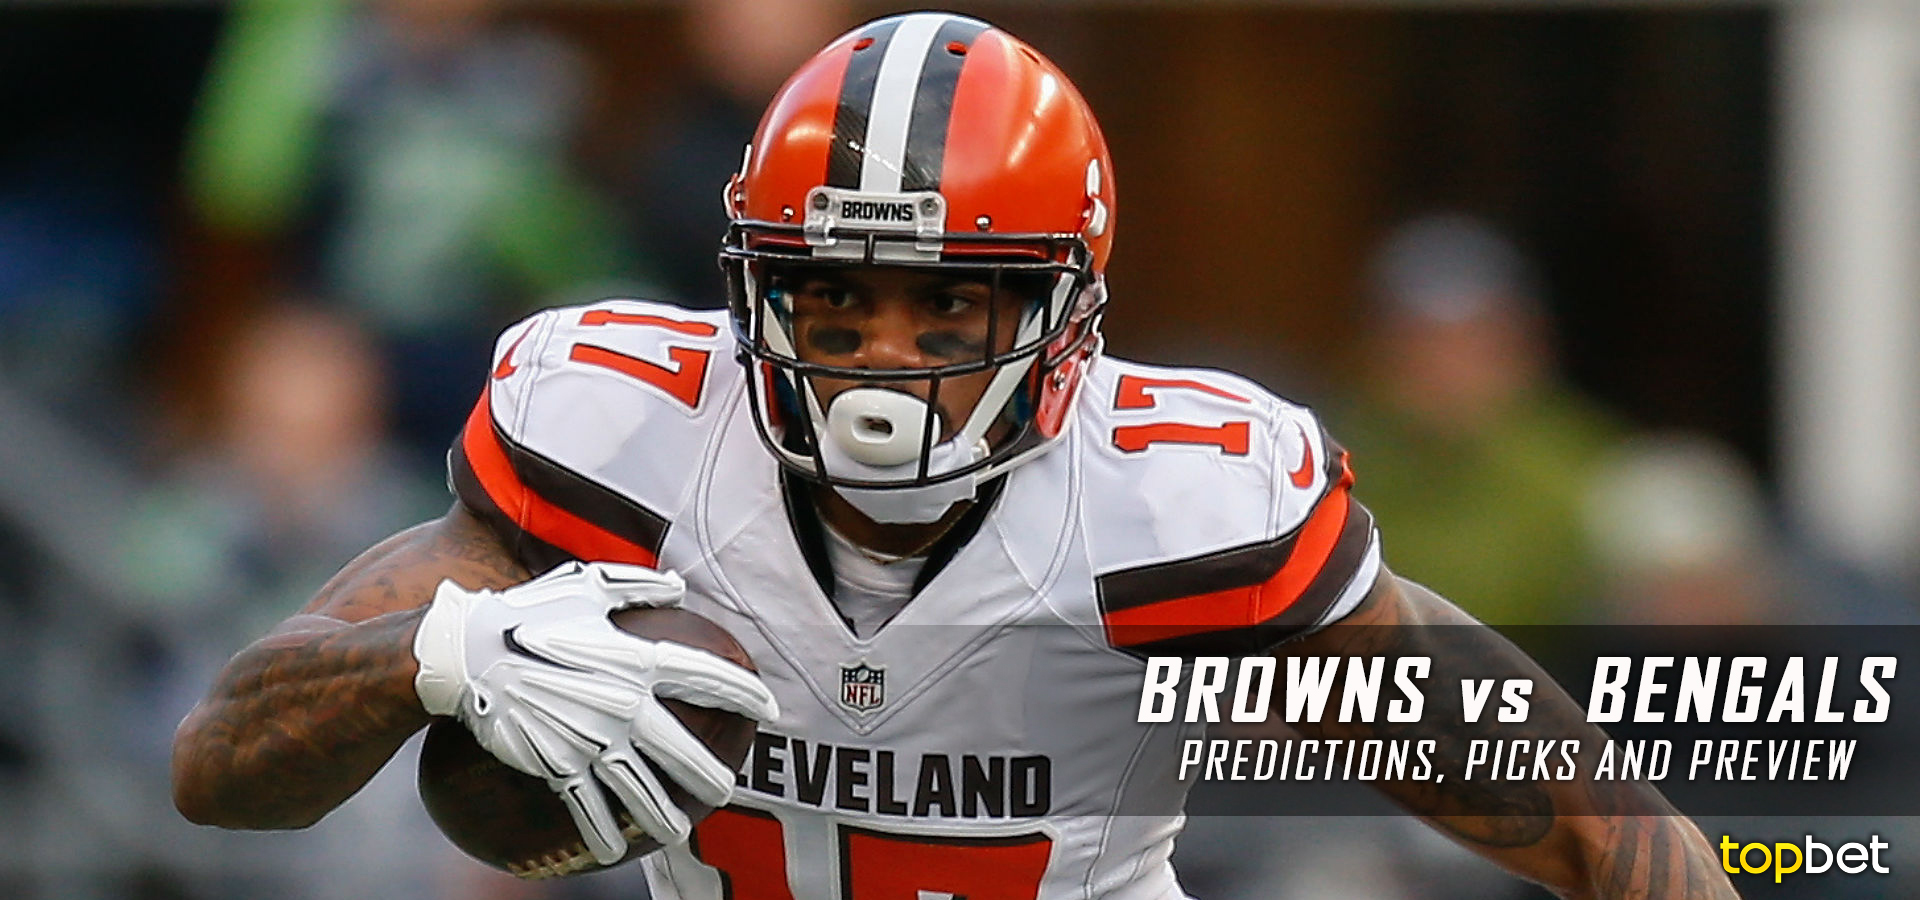 Cleveland Browns vs Cincinnati Bengals Predictions and Picks